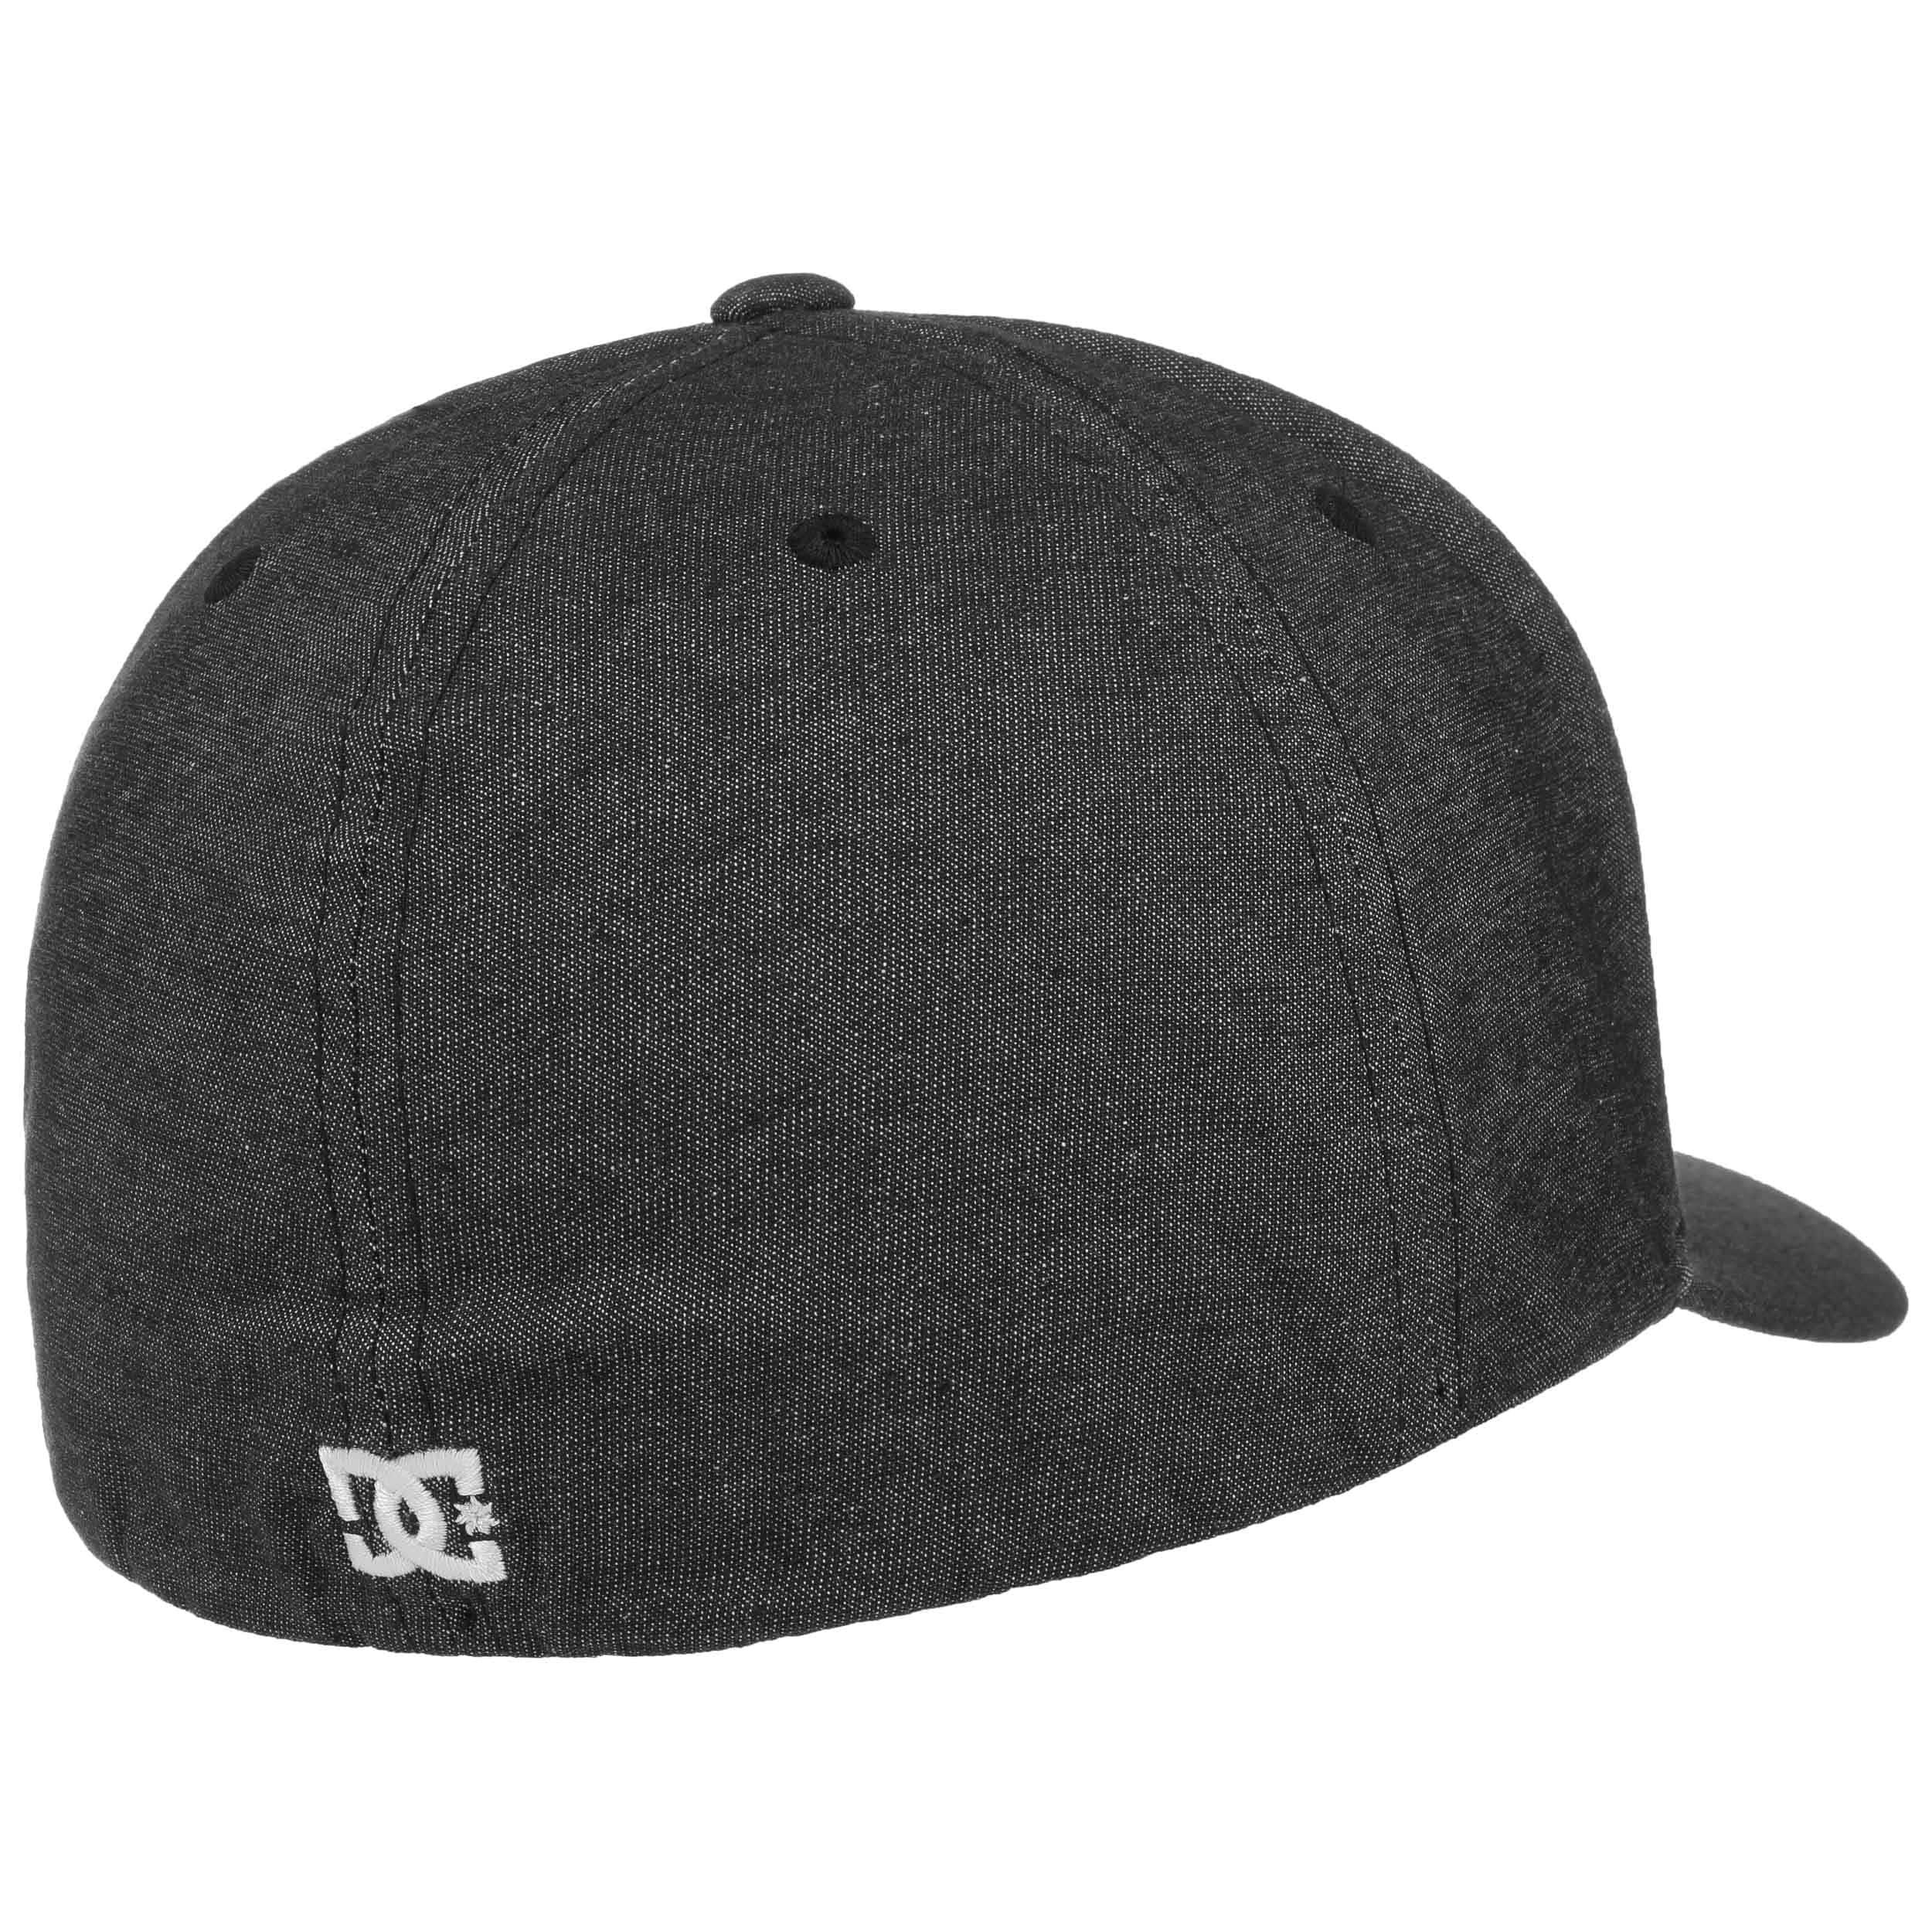 Capstar Tx Cap By Dc Shoes Co Gbp 33 95 Gt Hats Caps